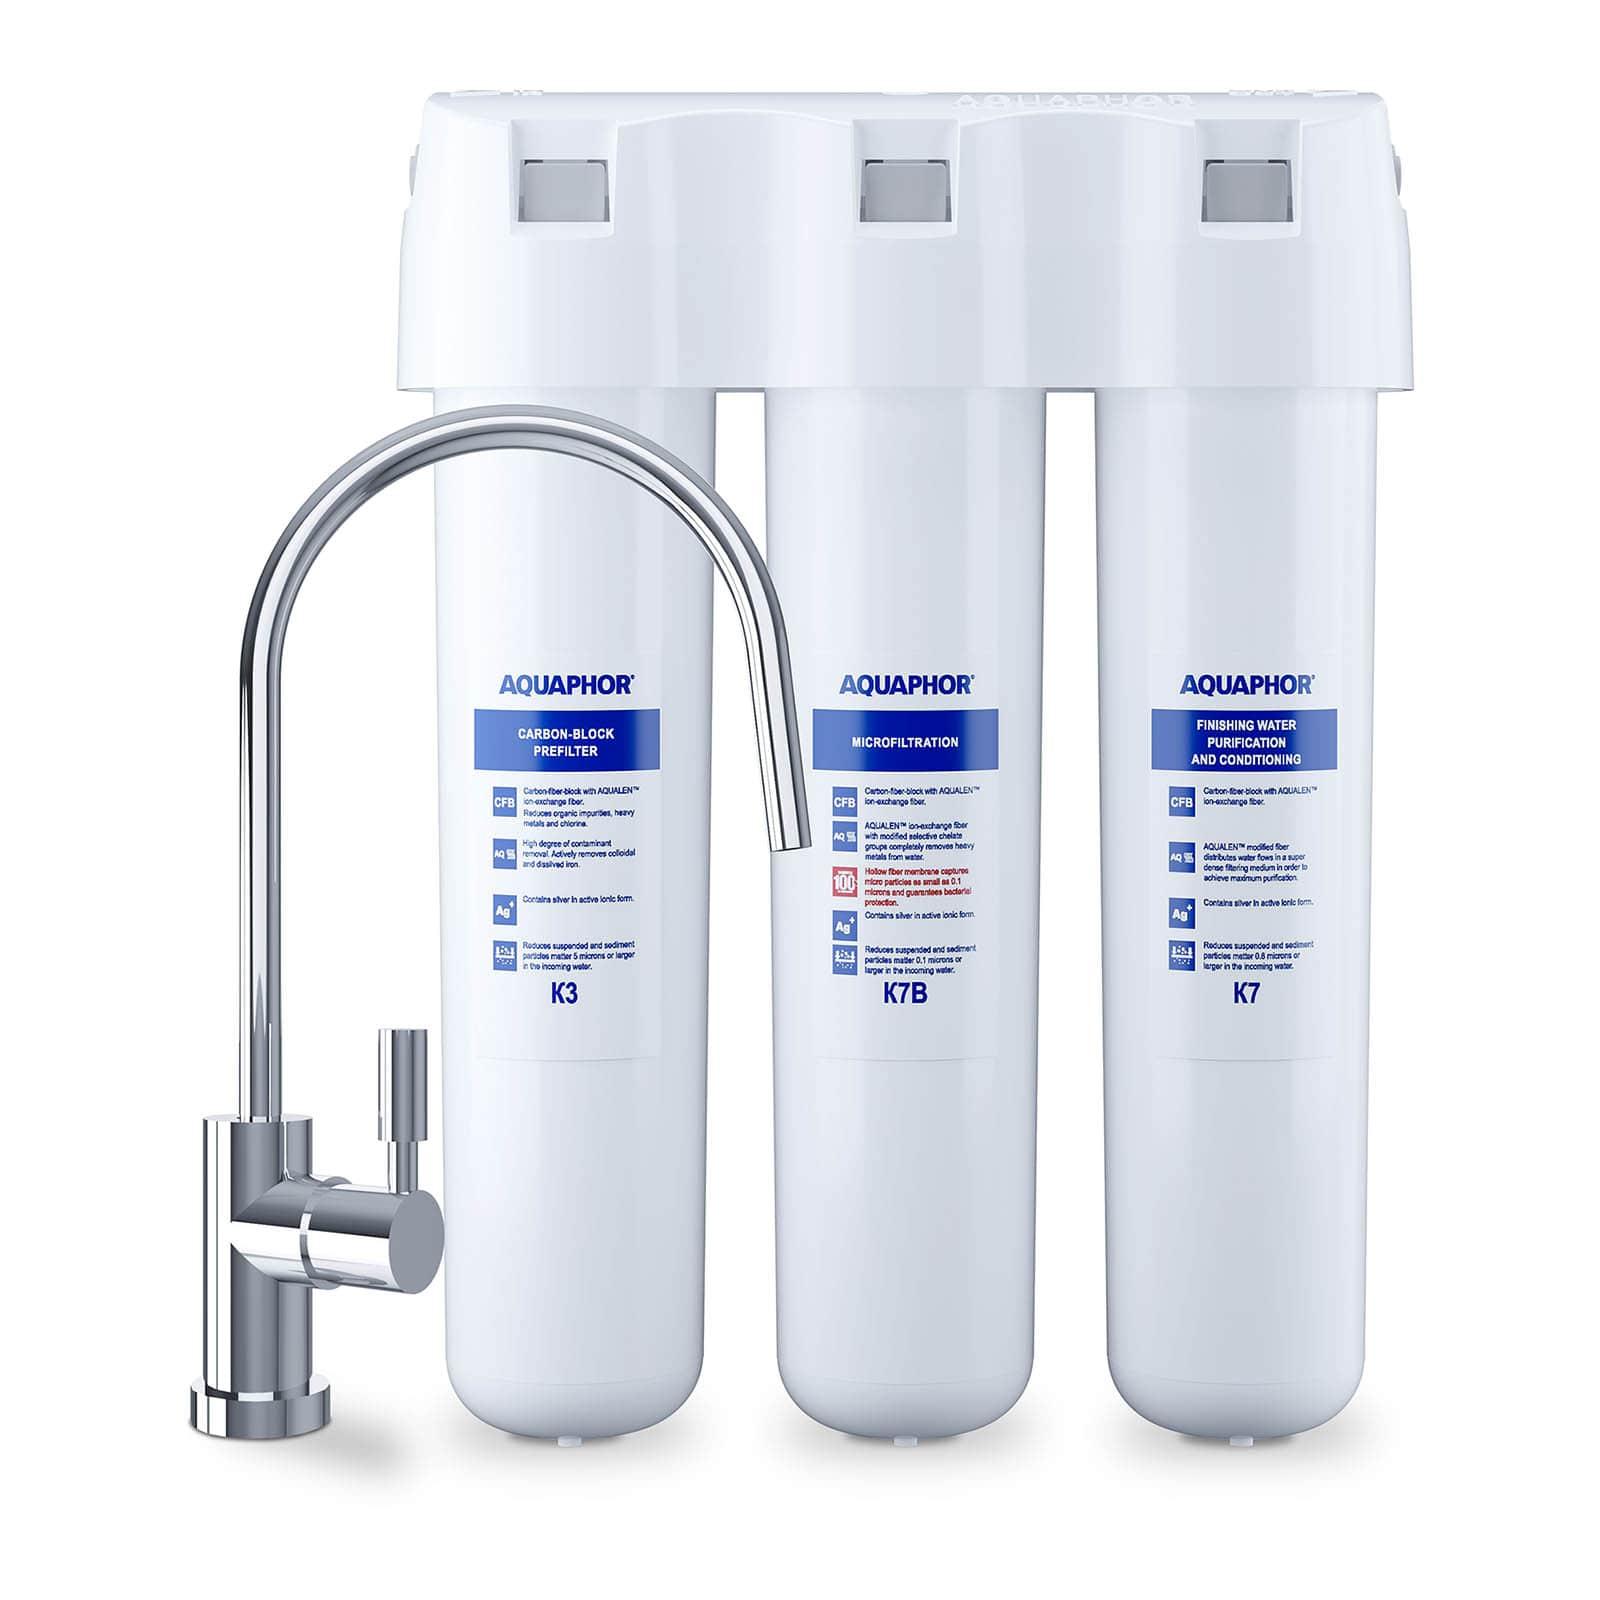 Drikkevandsfiltre